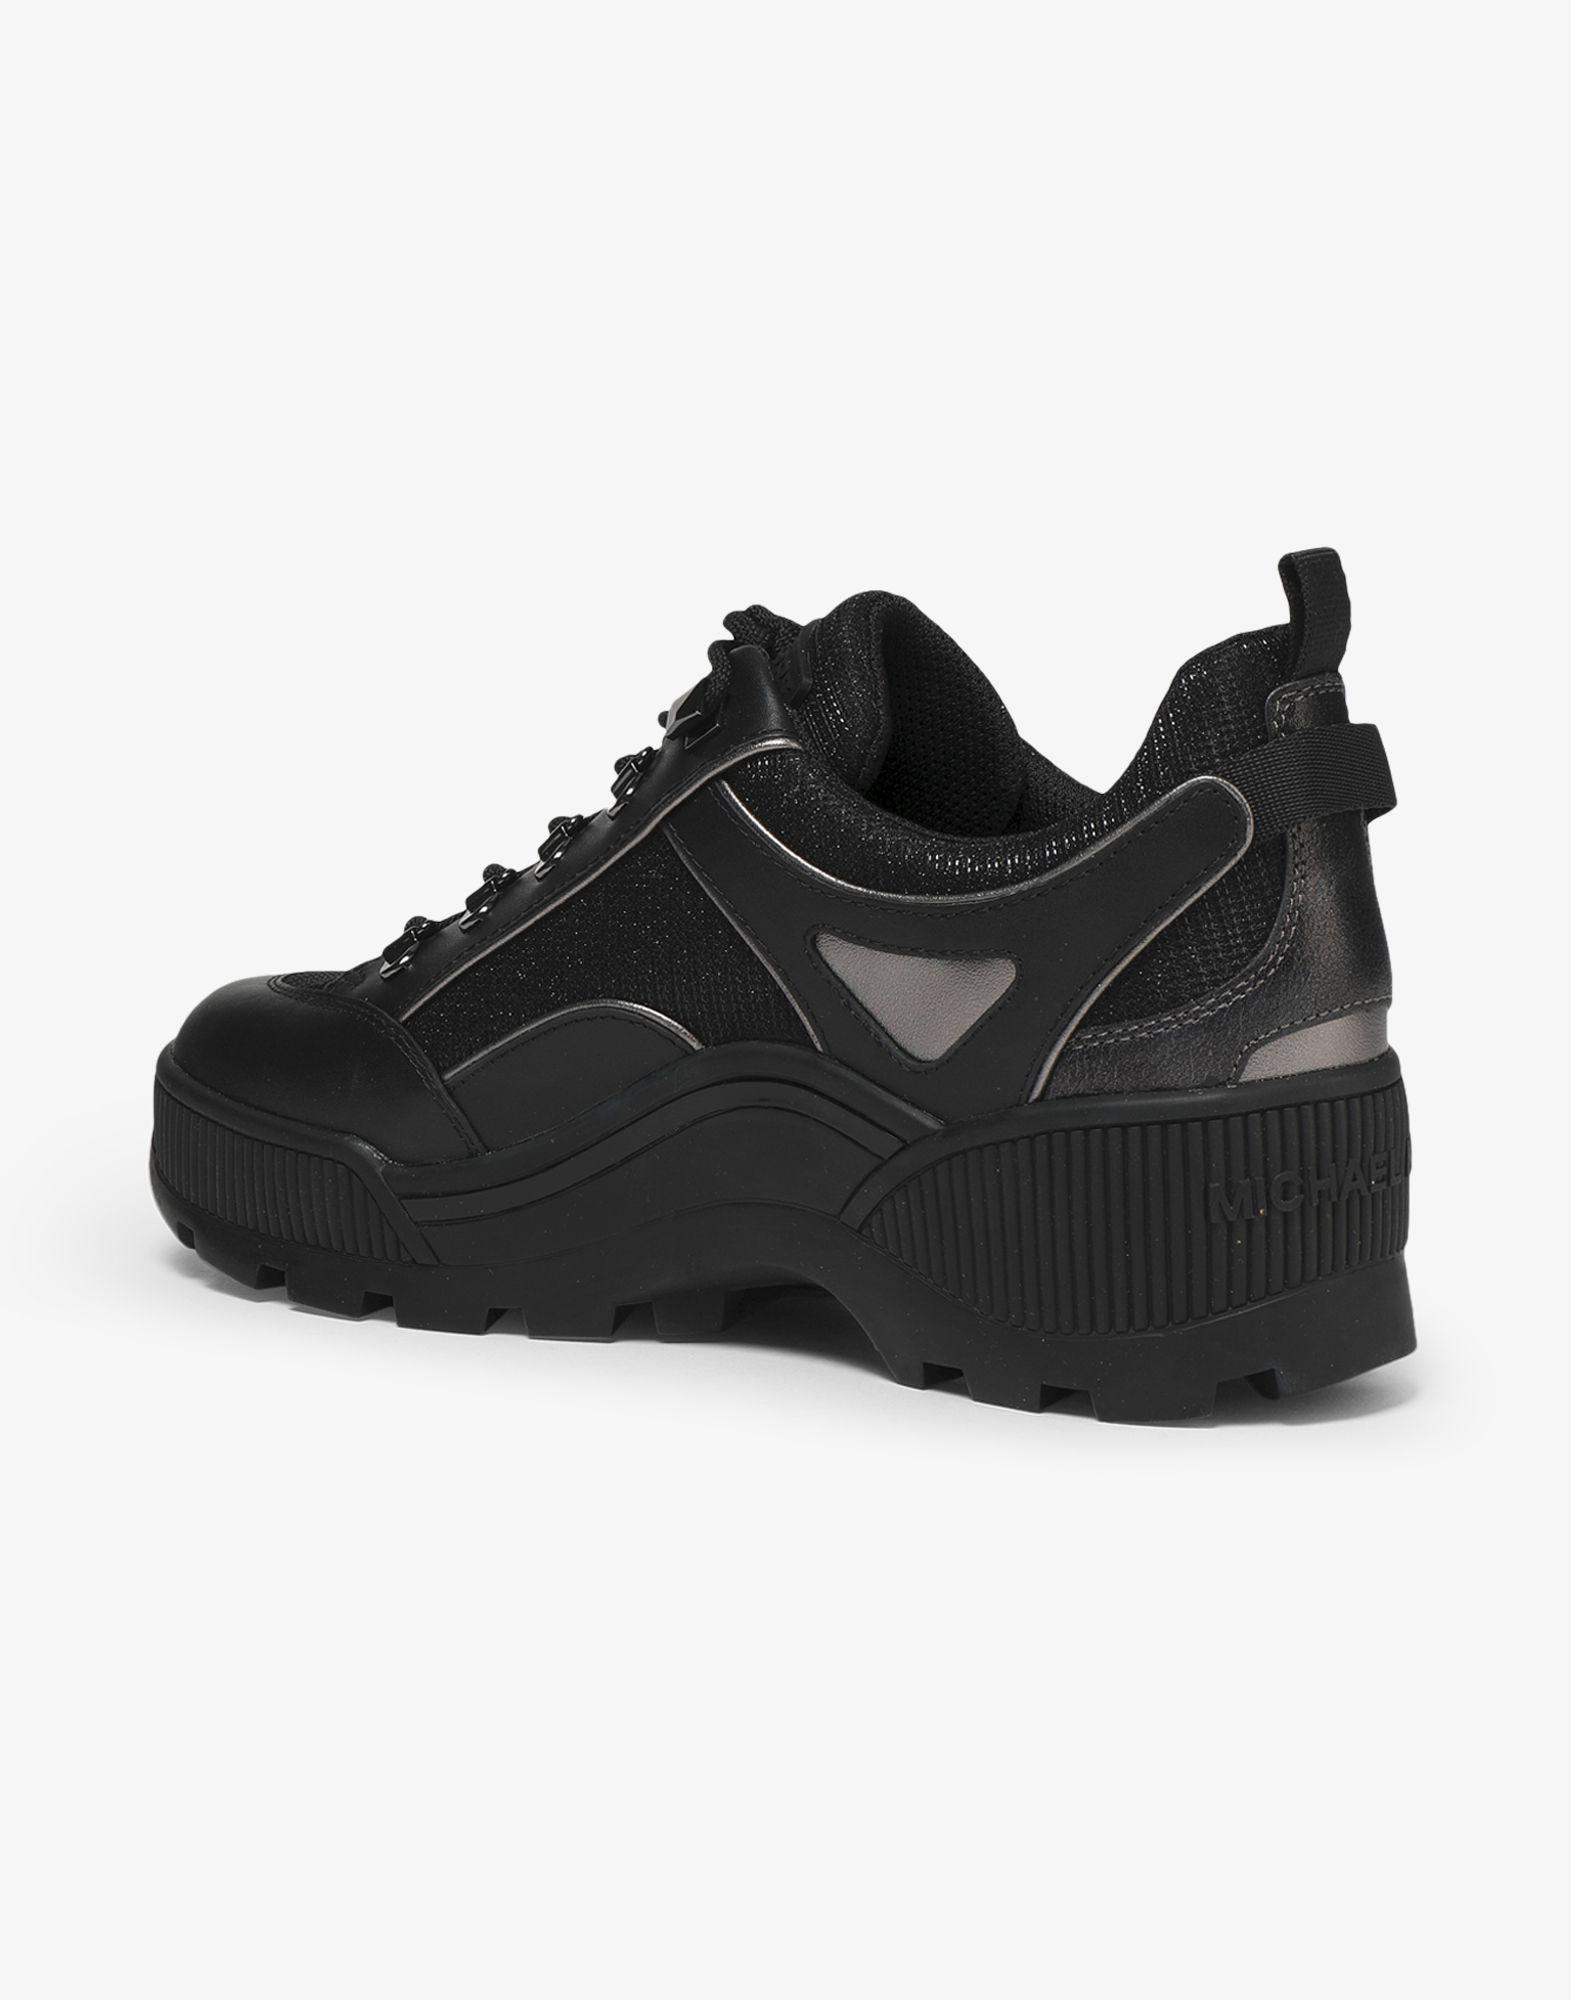 Sneakers & Tennis basses Cuir MICHAEL Michael Kors en coloris Noir iG61